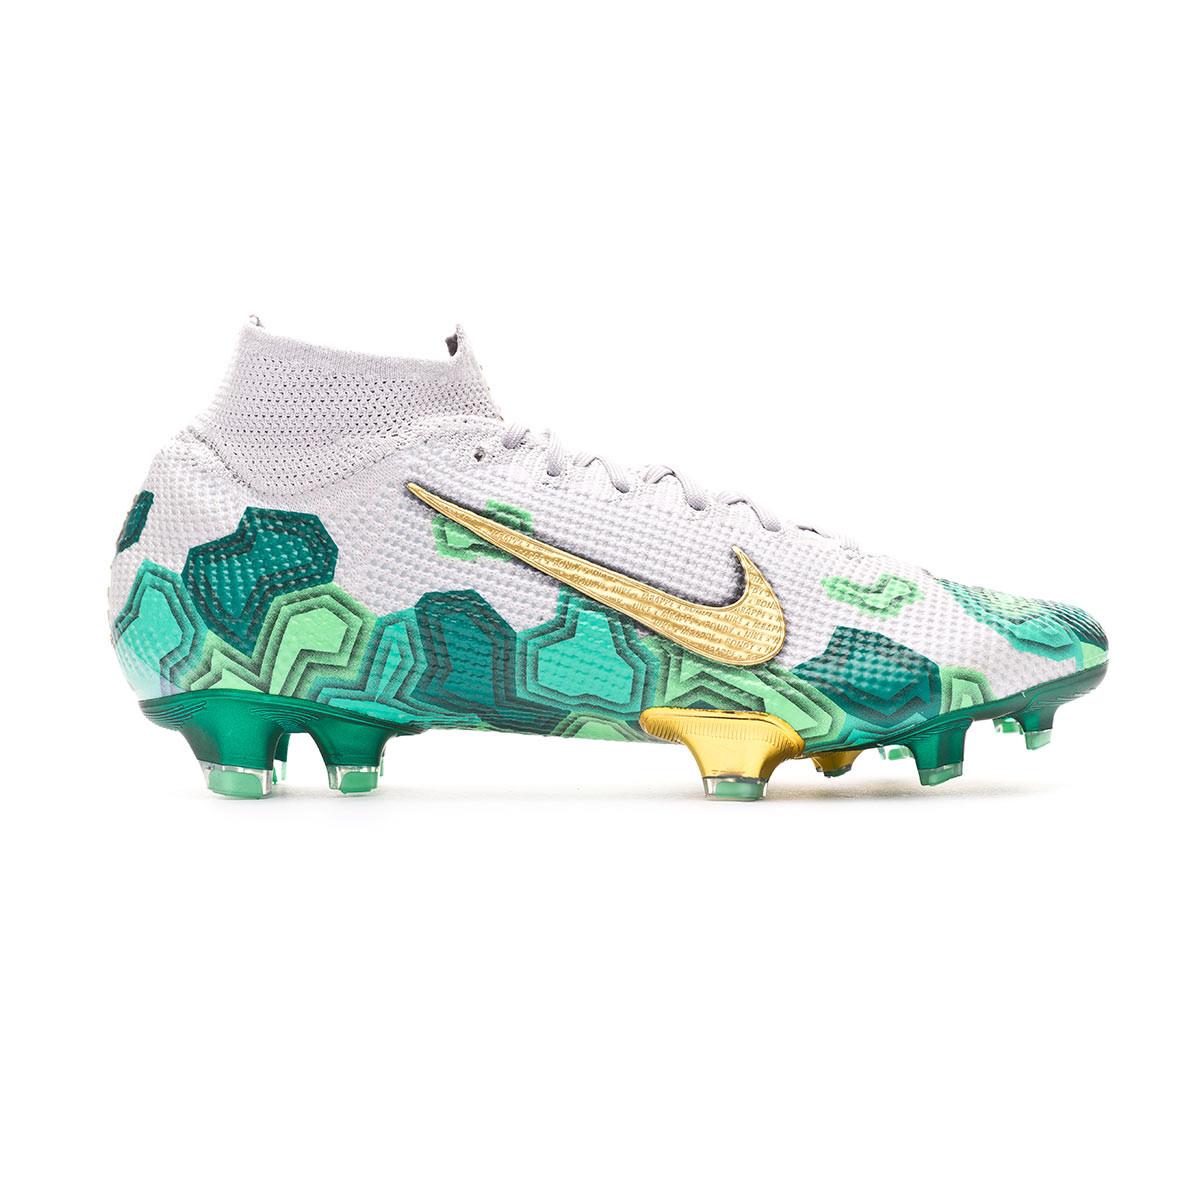 Chaussure de foot Nike Mercurial Superfly VII Elite SE MBAPPE X BONDY FG